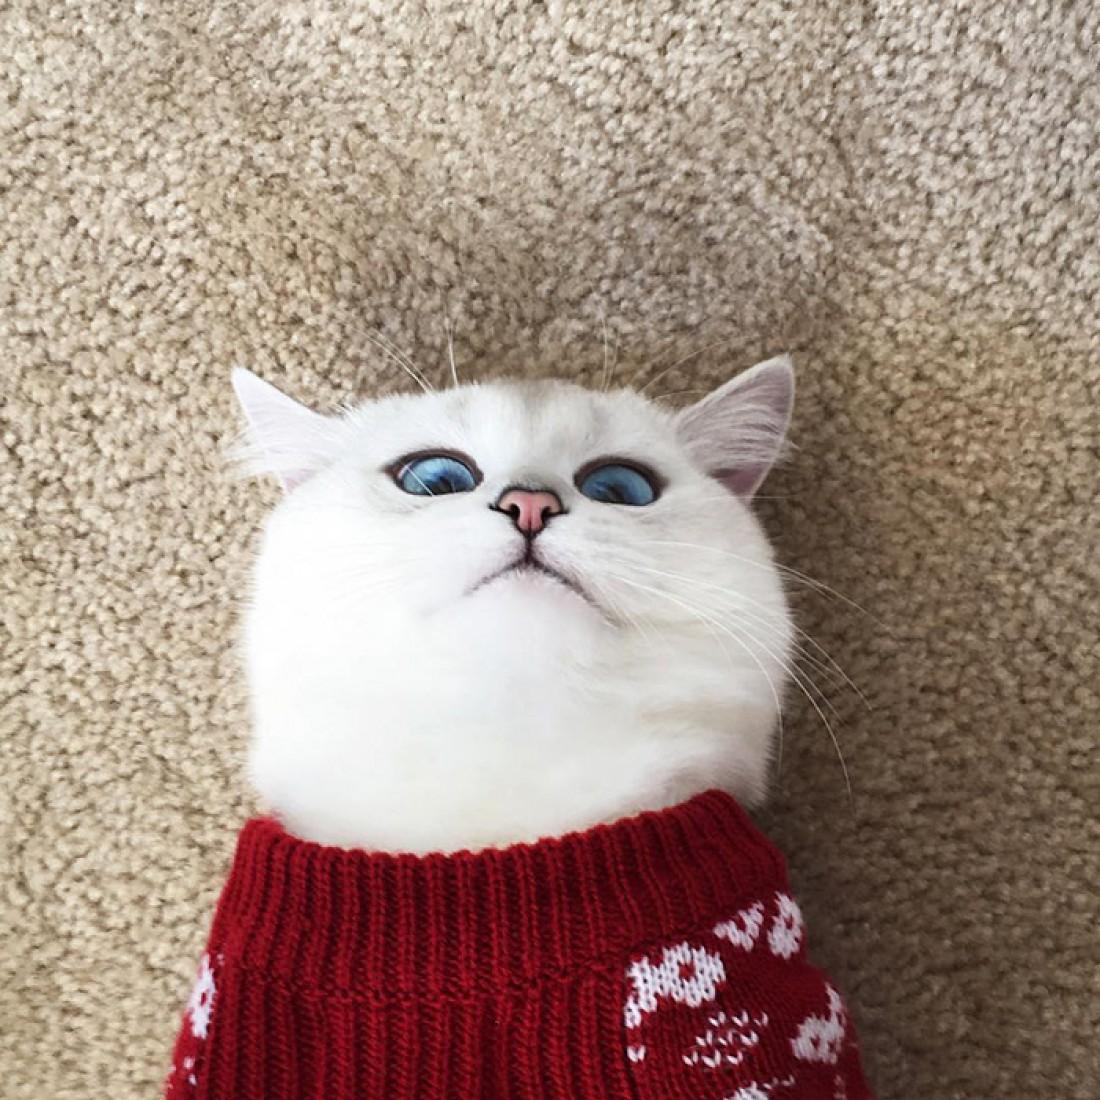 Коби стал героем Instagram благодаря своим глазам